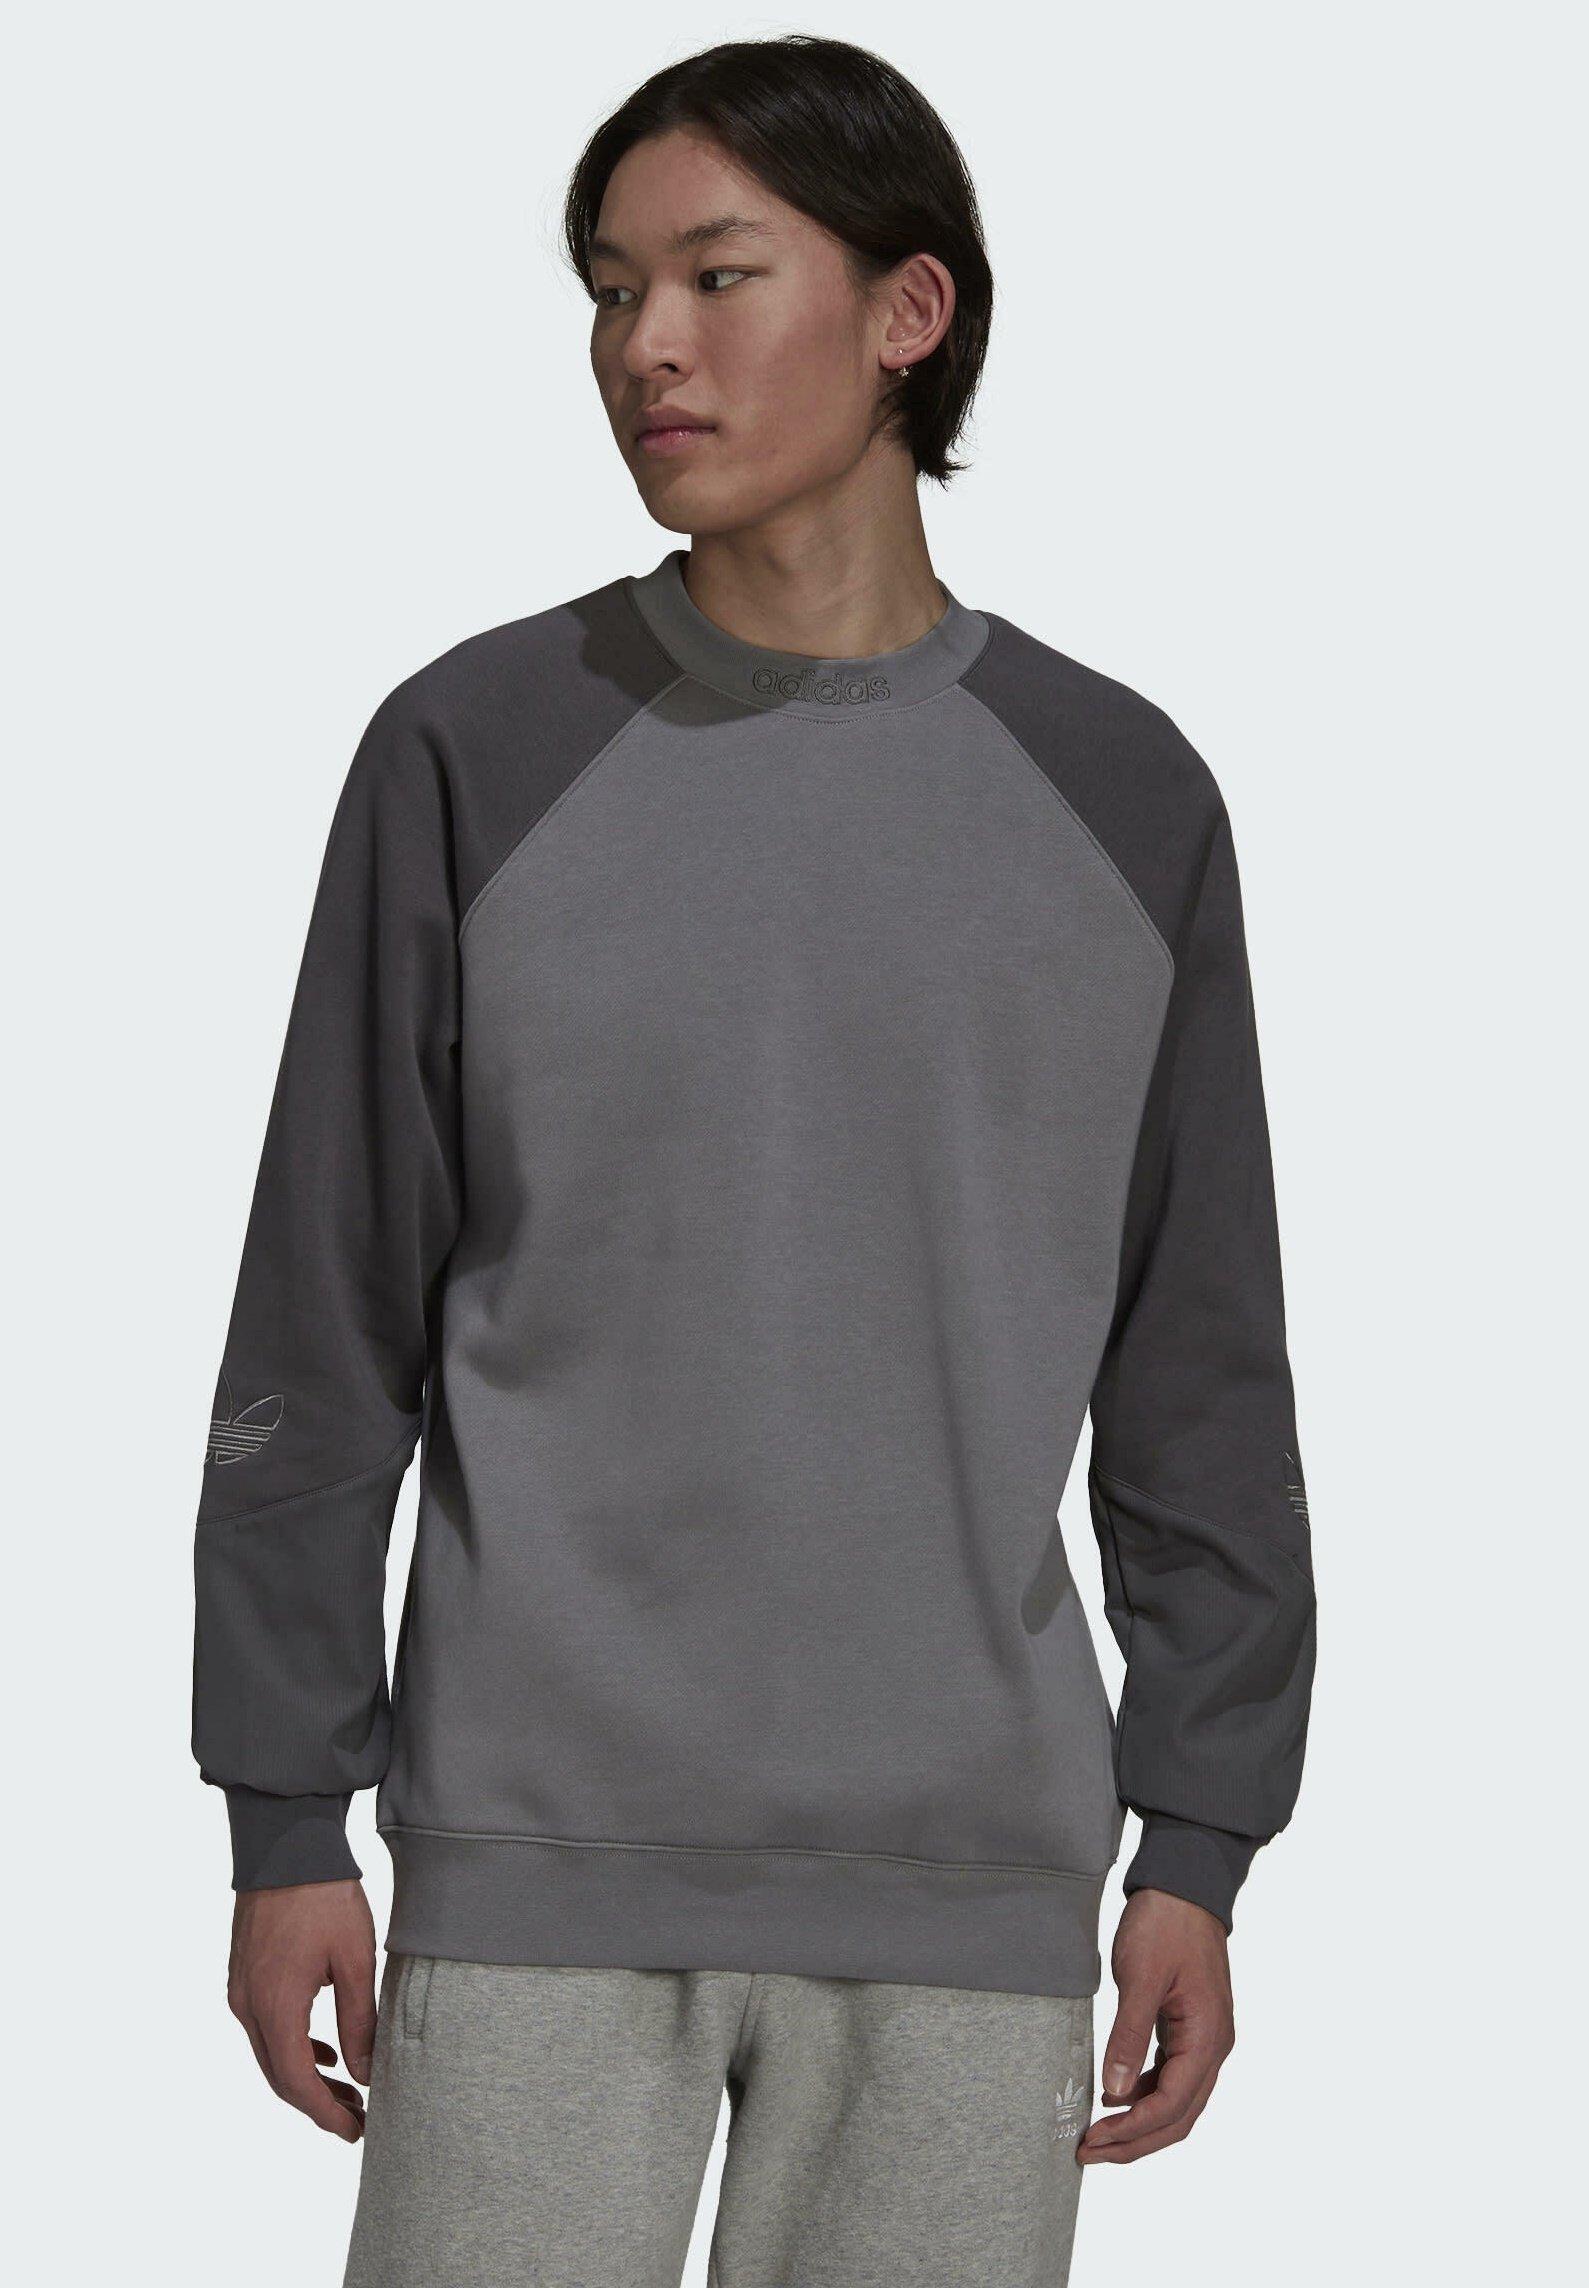 Men BLK CREW ORIGINALS SPRT COLLECTION SWEATSHIRT HOODIE - Sweatshirt